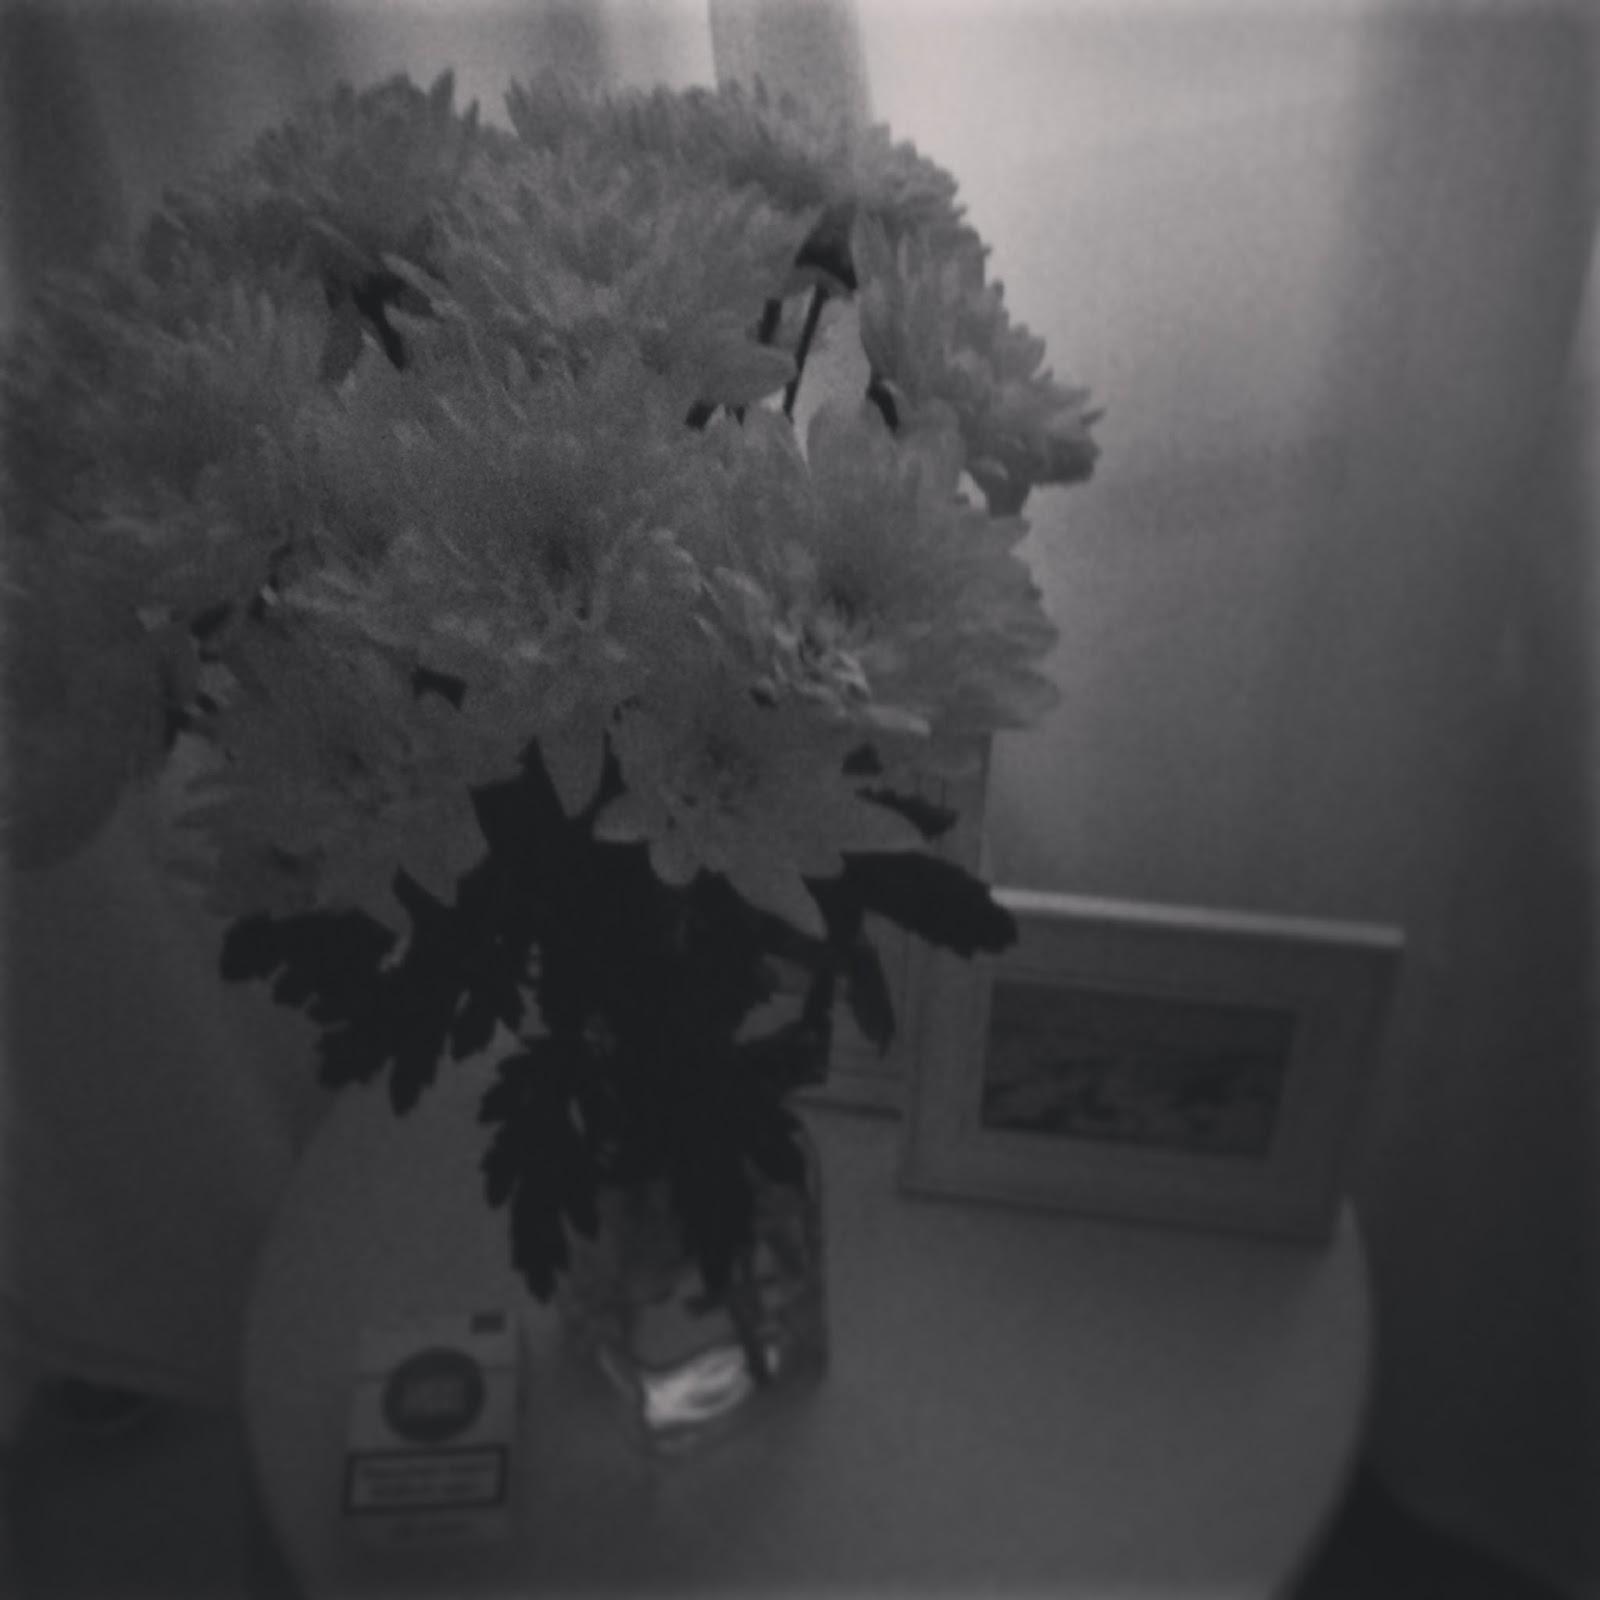 Luxus Schwarz Weiß Bilder Tumblr Design